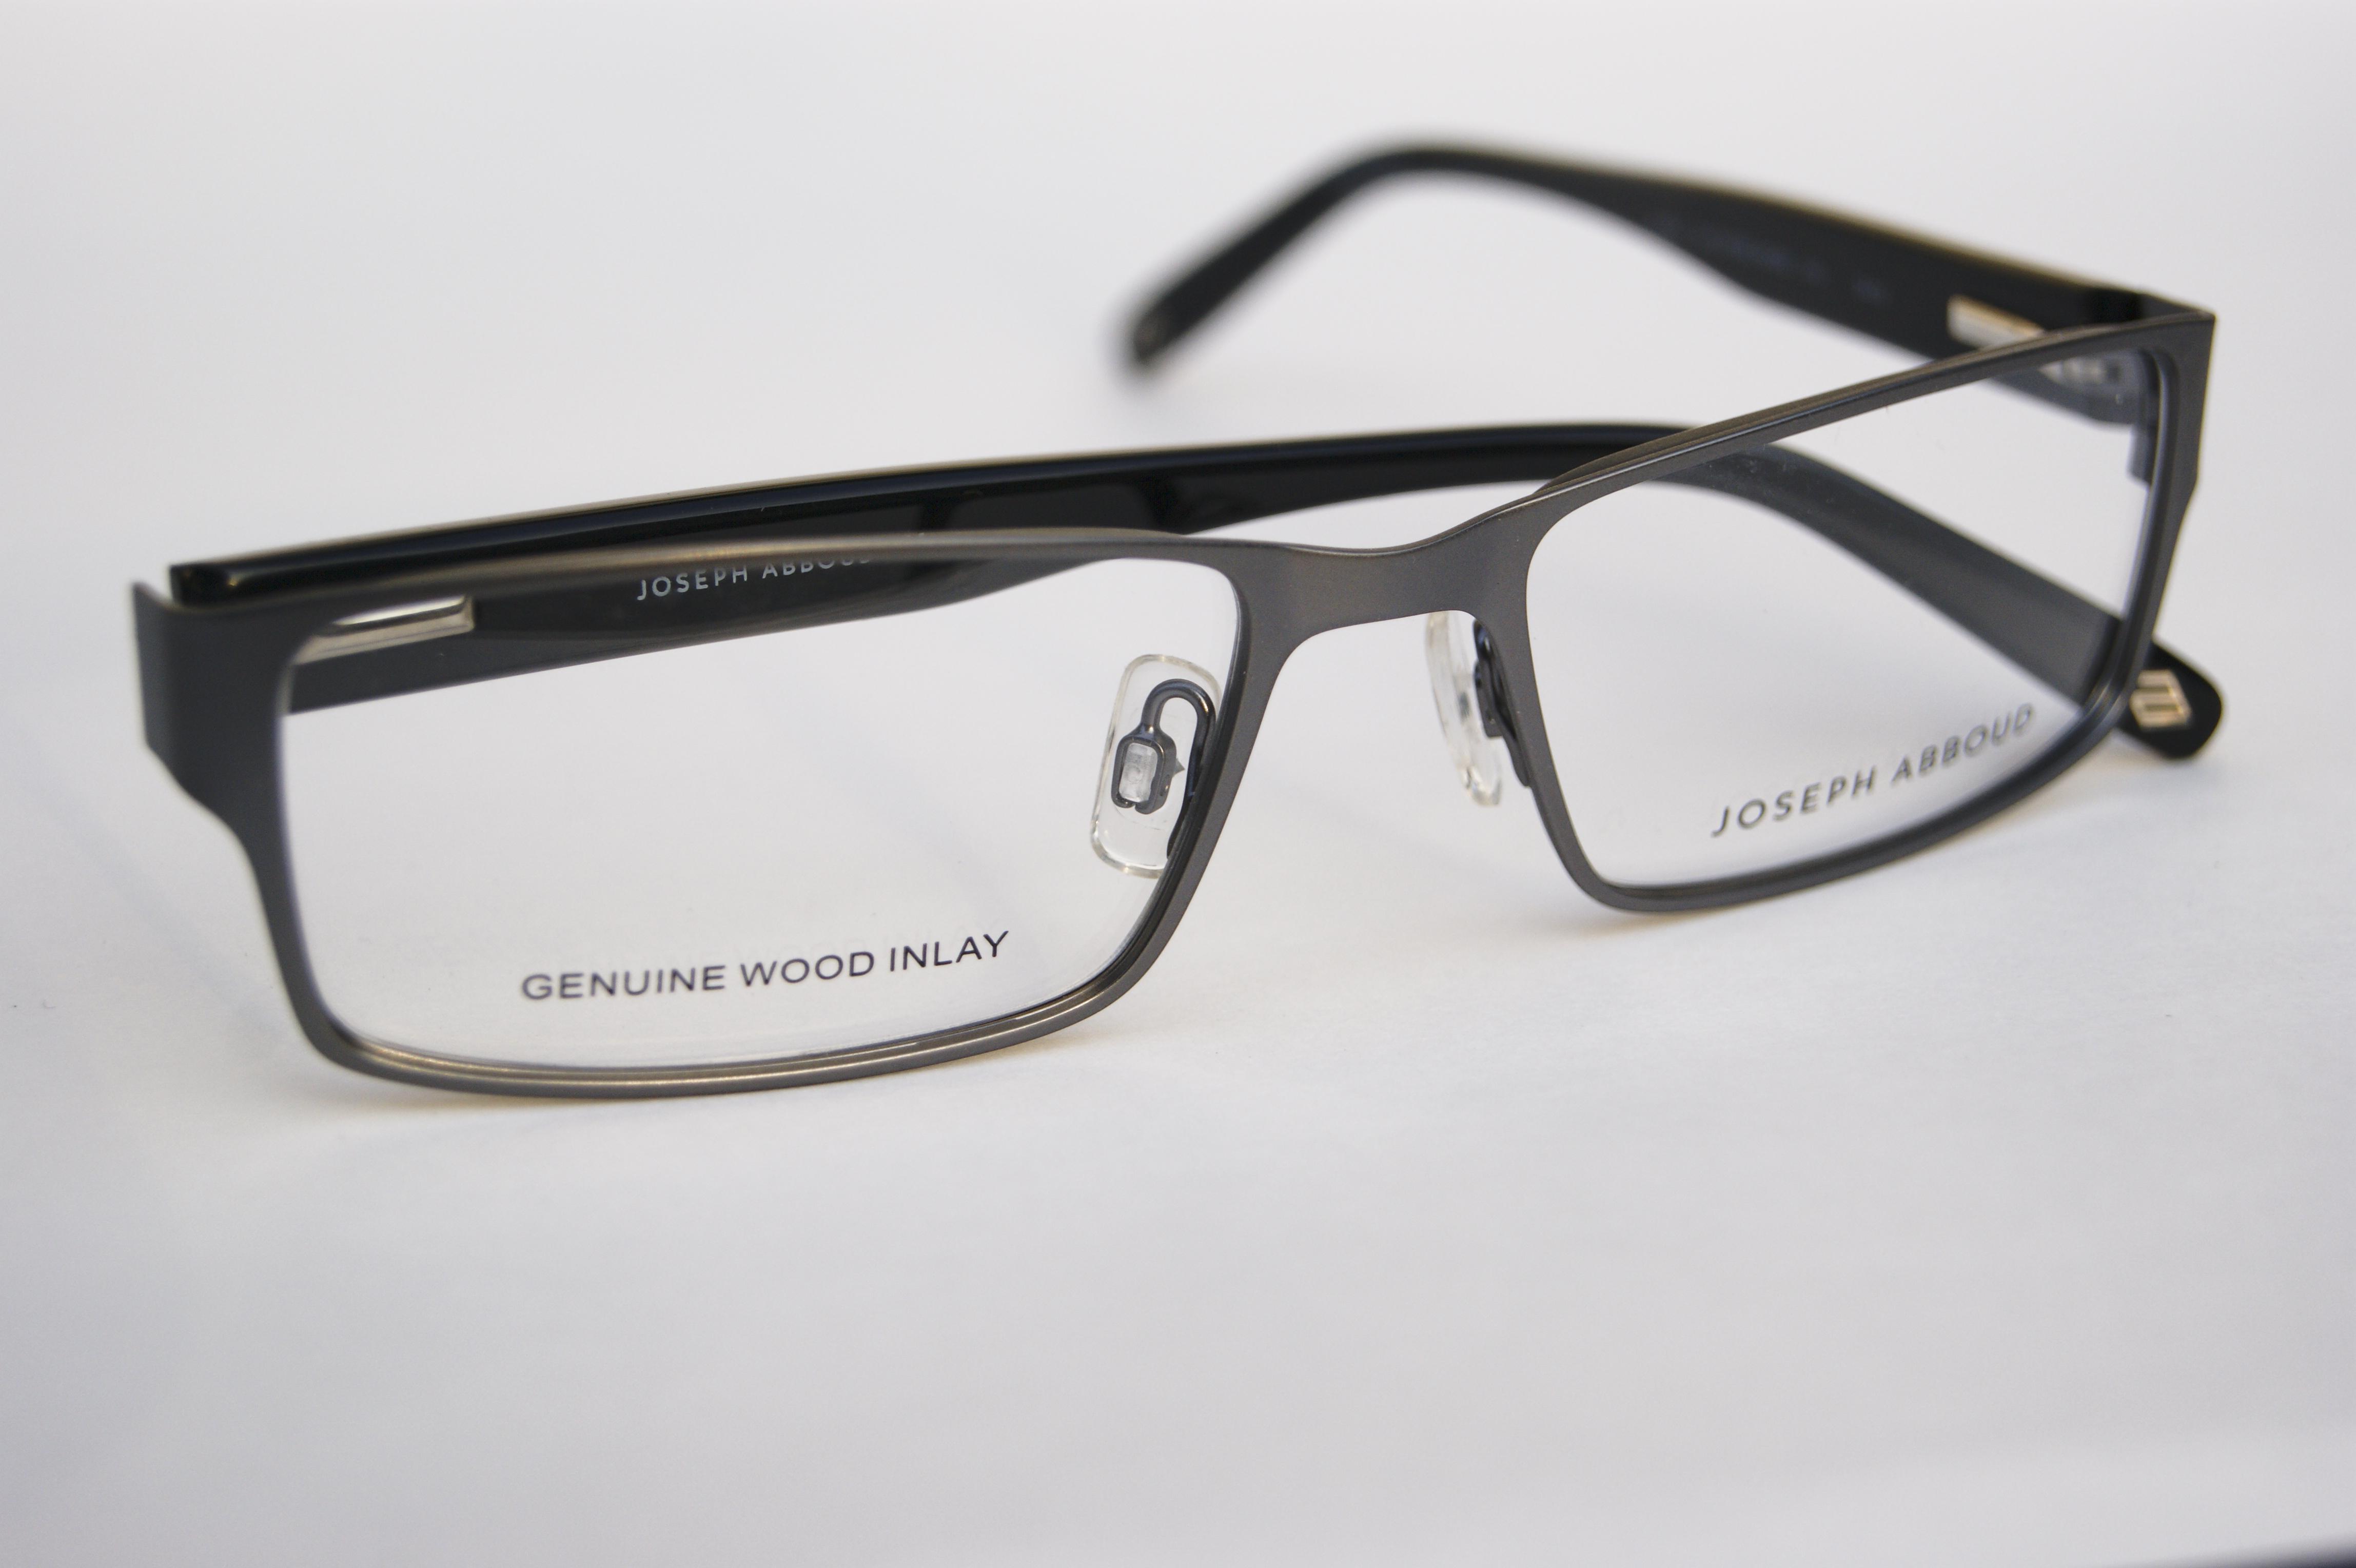 Uncategorized | Haddonfield Eyewear